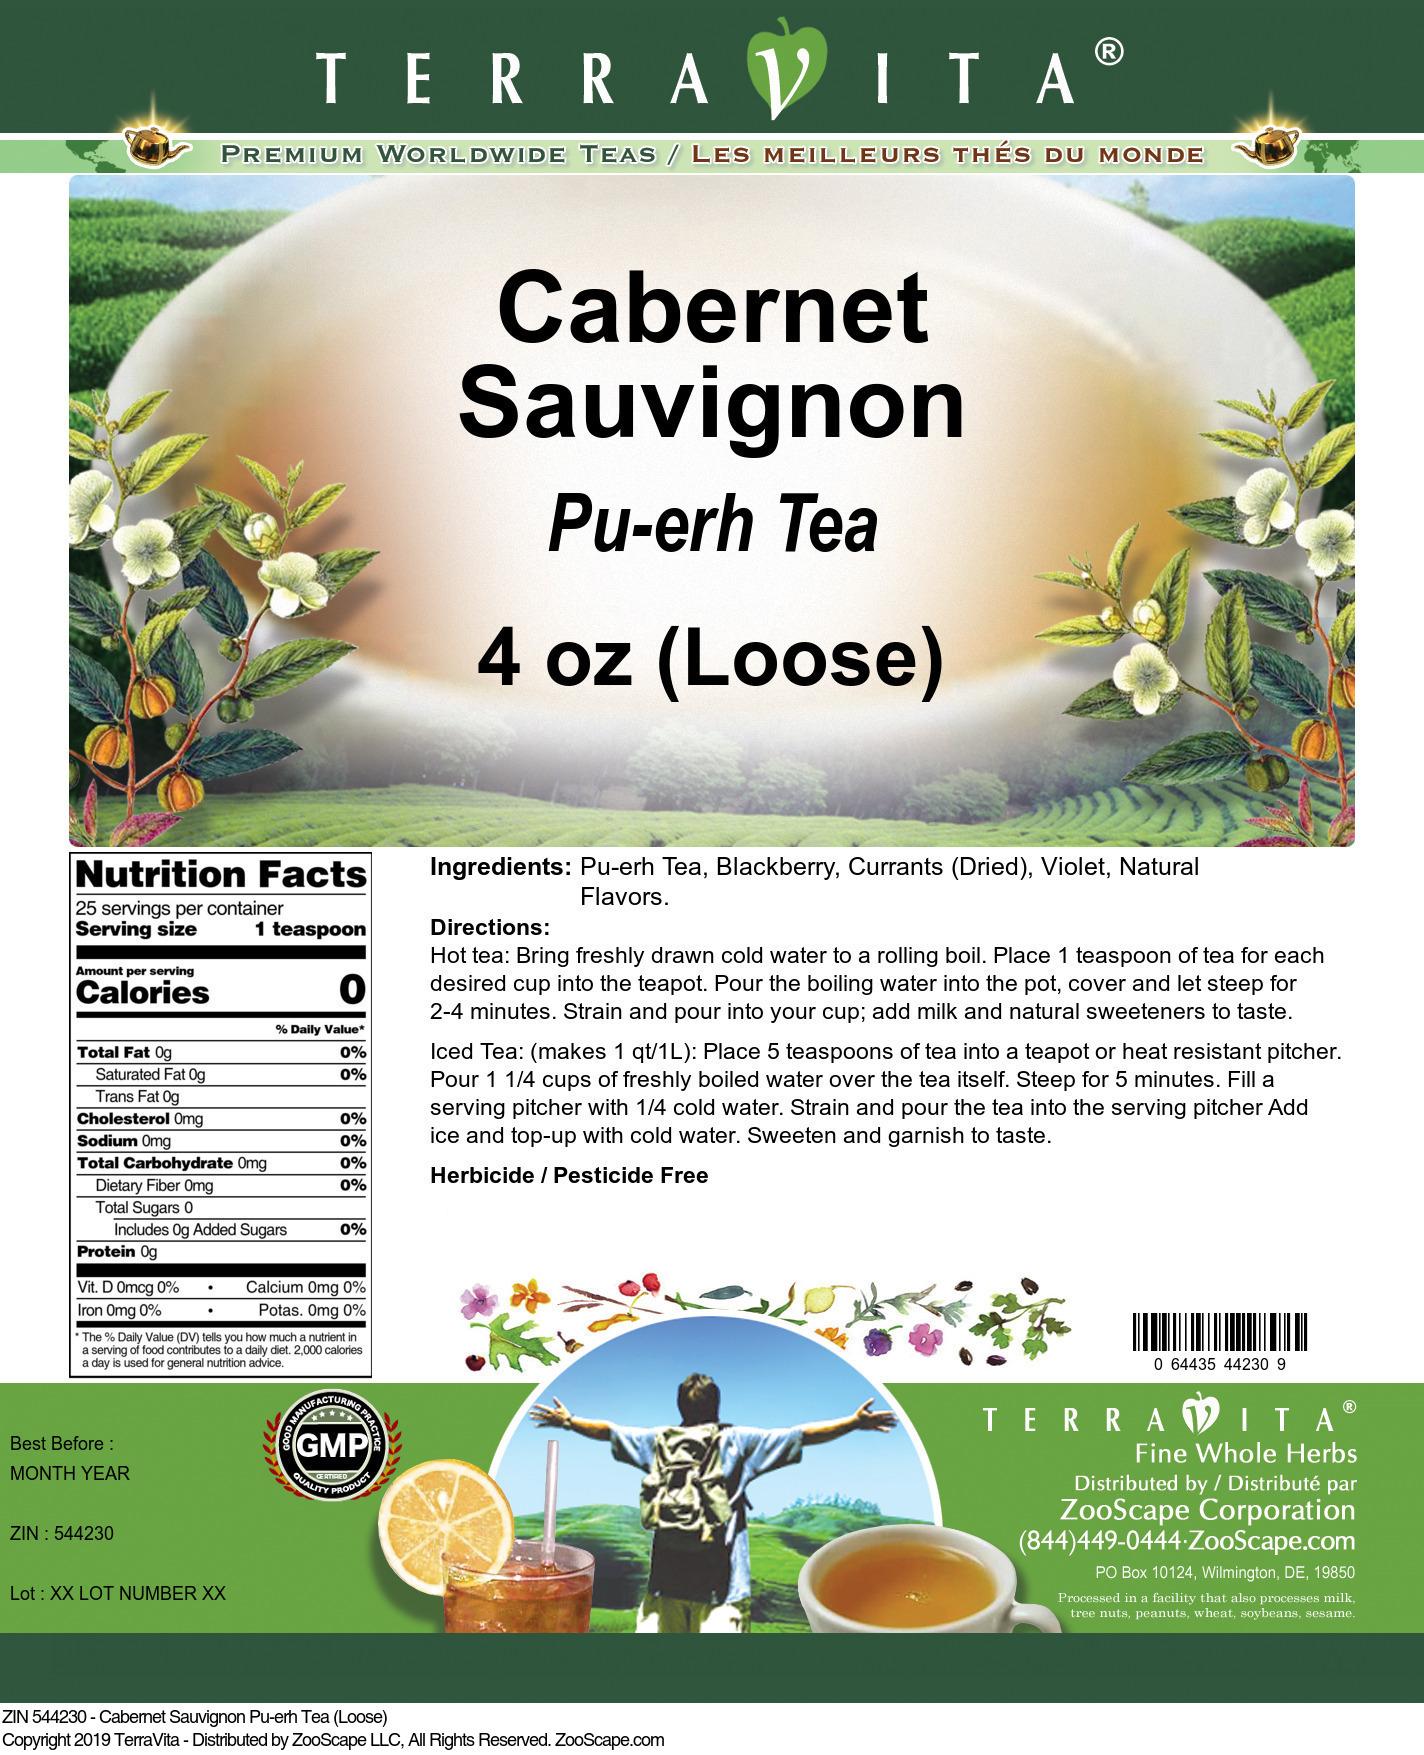 Cabernet Sauvignon Pu-erh Tea